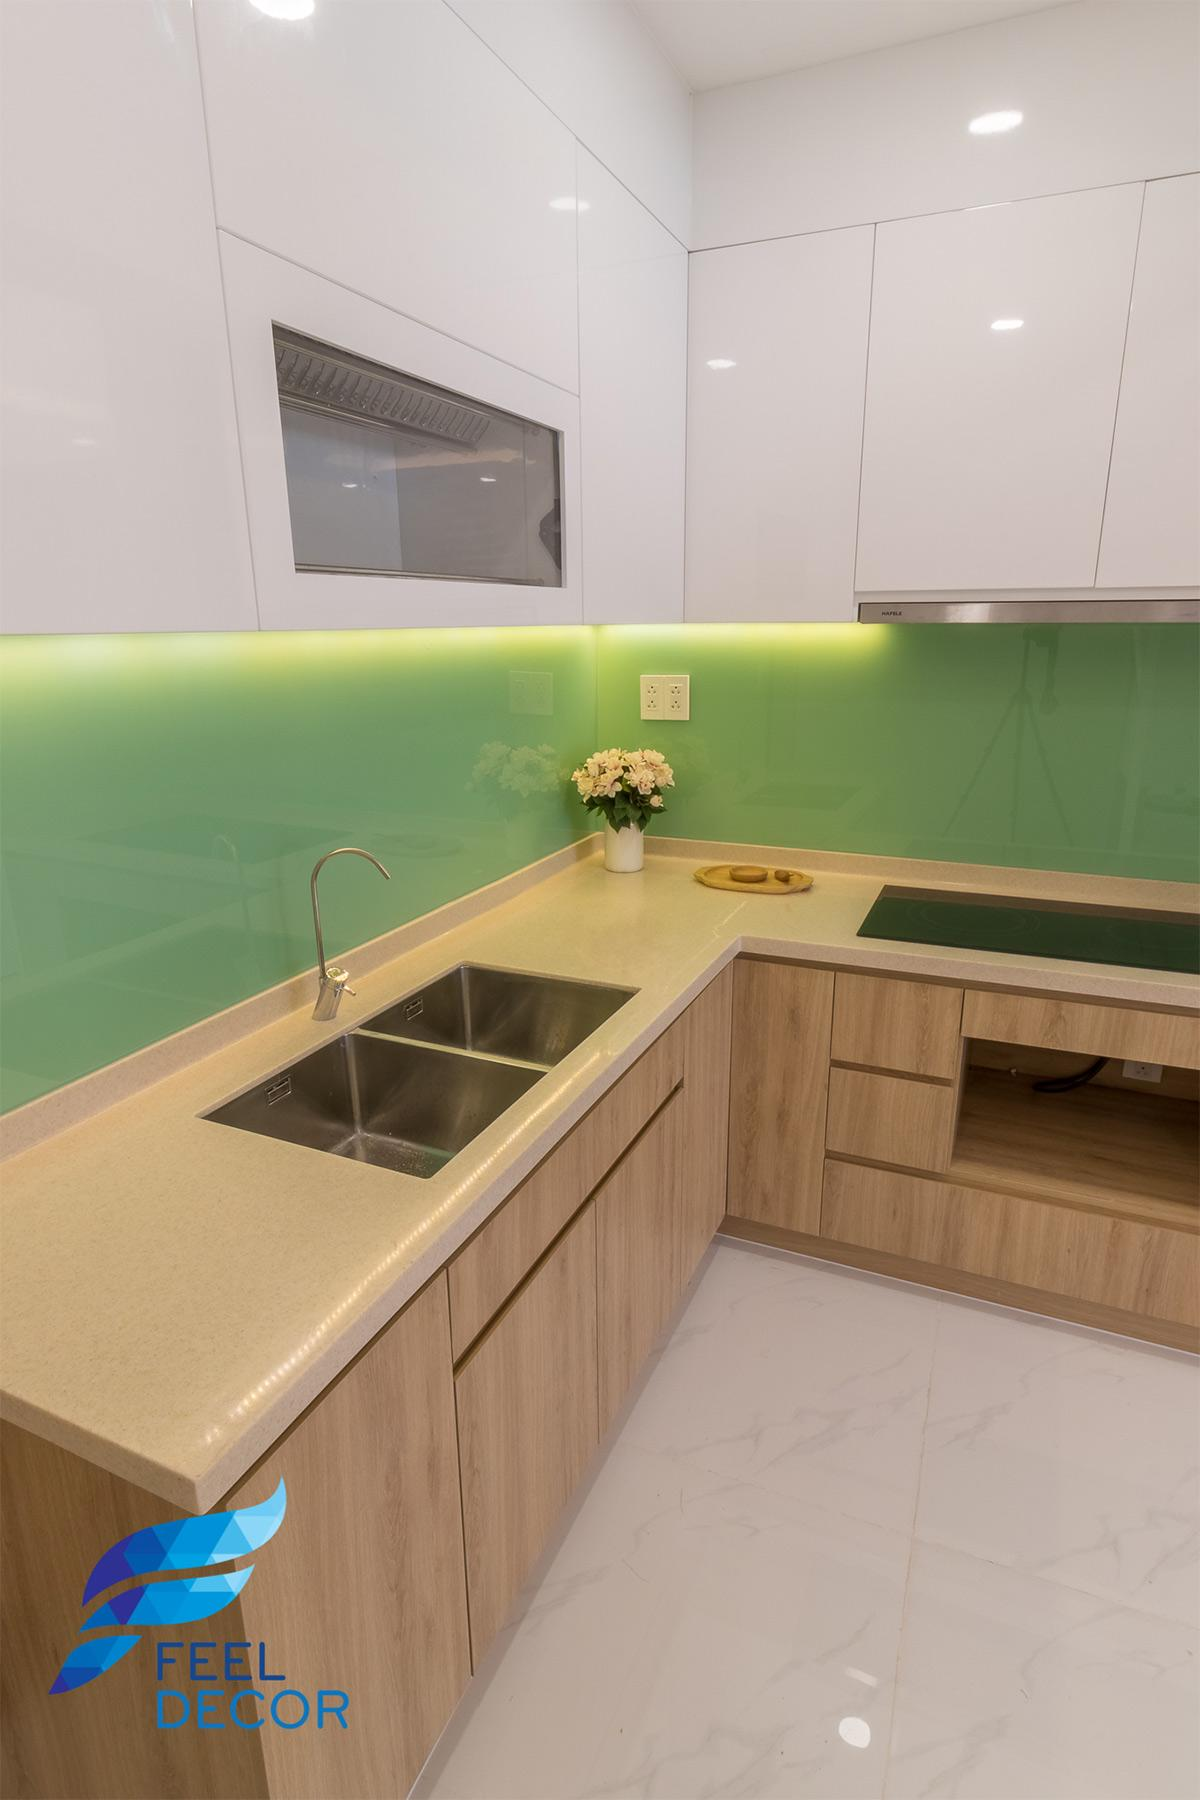 Thiết kế thi công nội thất căn hộ 73m2 chung cư Miếu Nổi – Chủ đầu tư Chị Vân